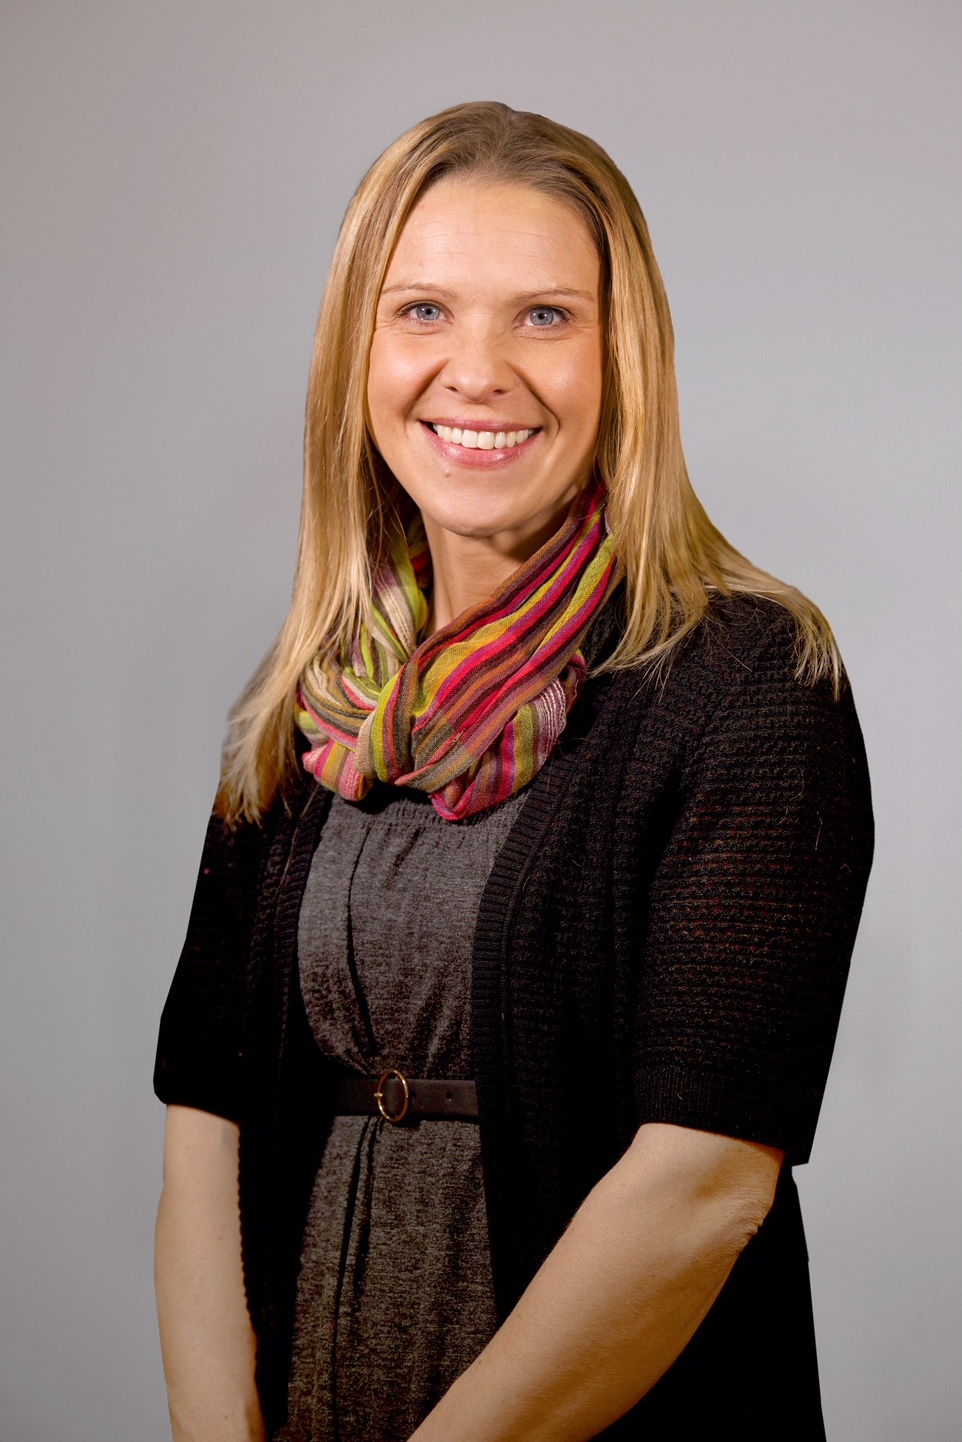 Kelly Skrzypchak